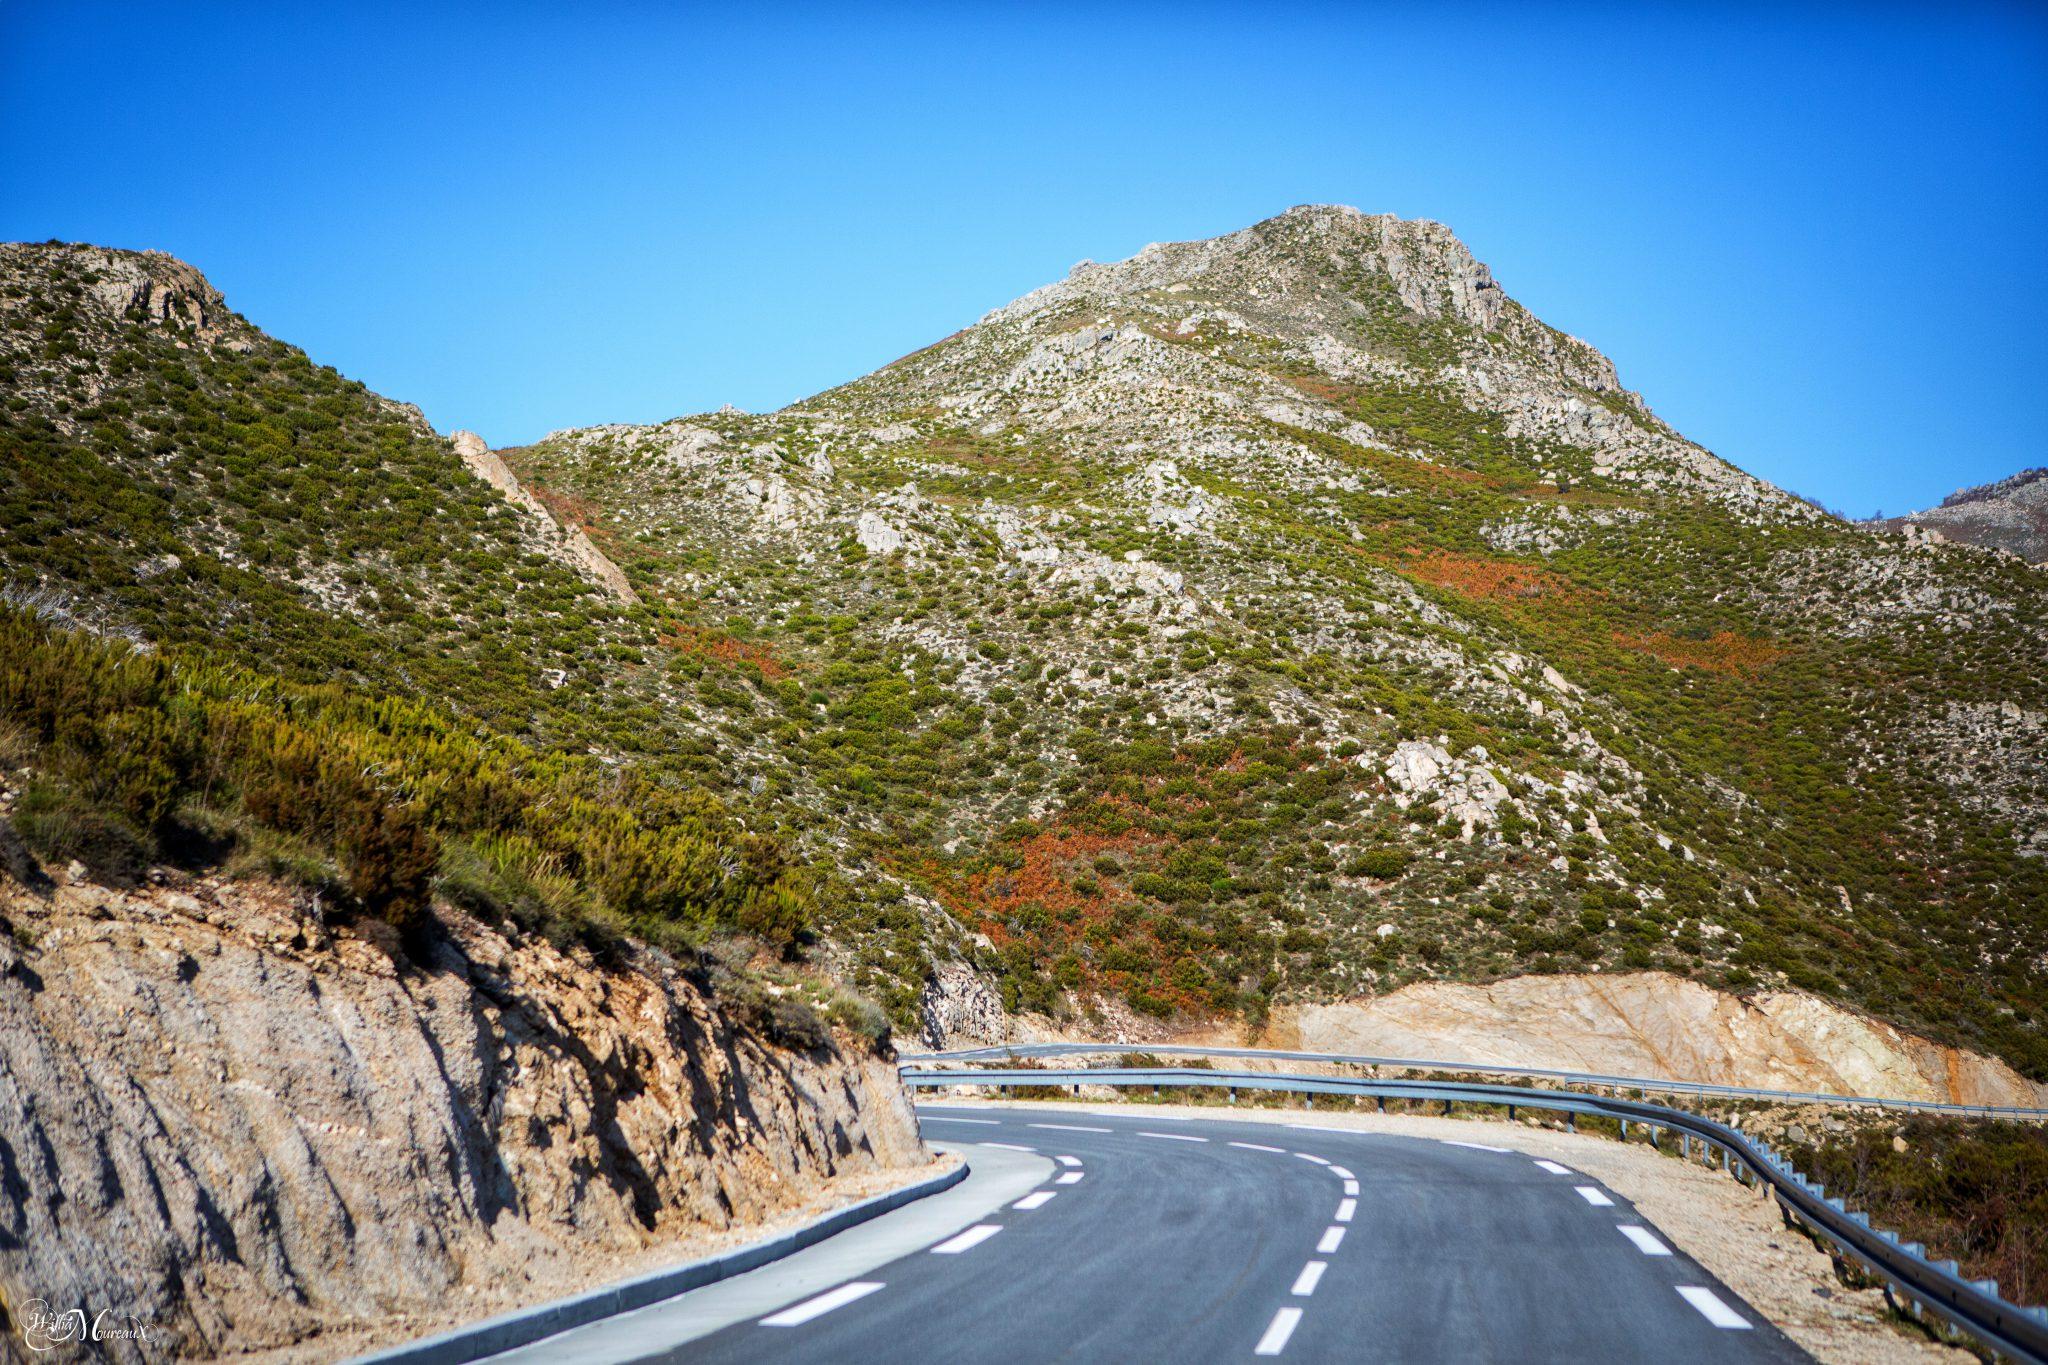 Autotour route des villages perchés